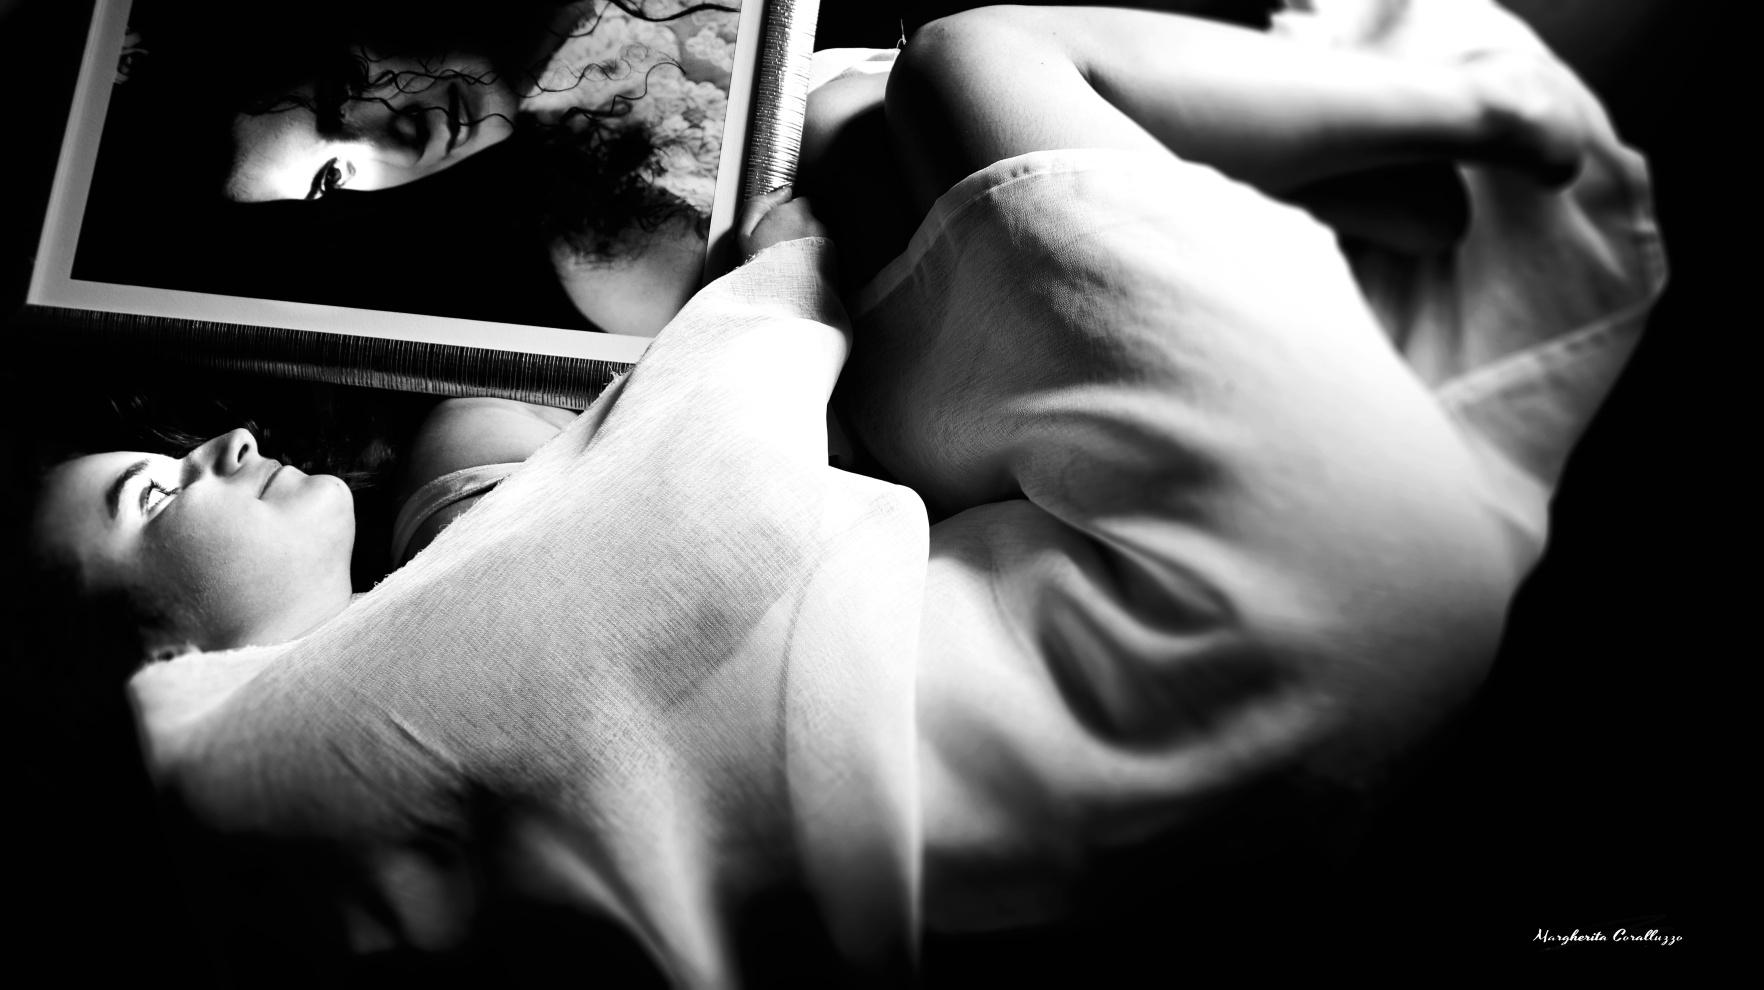 """""""Vorrei aver vissuto i ricordi che non ho"""" - Federica ha potuto godere del privilegio di conoscere la mamma, nei suoi primi quattro anni di vita. E poi, ha imparato a conoscerla più da vicino in due modi diametralmente opposti: dalla memoria del fratello più grande, dal papà che tanto l'ha amata, dai nonni, dalle zie, i nipoti, e attraverso la carezza della sua anima, profusa di un amore ancora poco compreso da Federica, dove l'essere in luce della mamma, riesce a placare però, ogni suo timore. """"E pensare che nei tuoi sogni mamma, c'eravamo già io e Francesco"""". """"Vorrei aver vissuto i ricordi che non ho"""" è ciò che talvolta costruisce nell'immaginario Federica, dove si lascia coccolare da un sogno e non un'idea astratta della mamma, riabbracciandola viva in una realtà parallela talvolta più autentica del mondo circostante e anche di un fervido ricordo. Perché lei sa che la sua mamma, è presente ogniqualvolta incontra l'amore."""